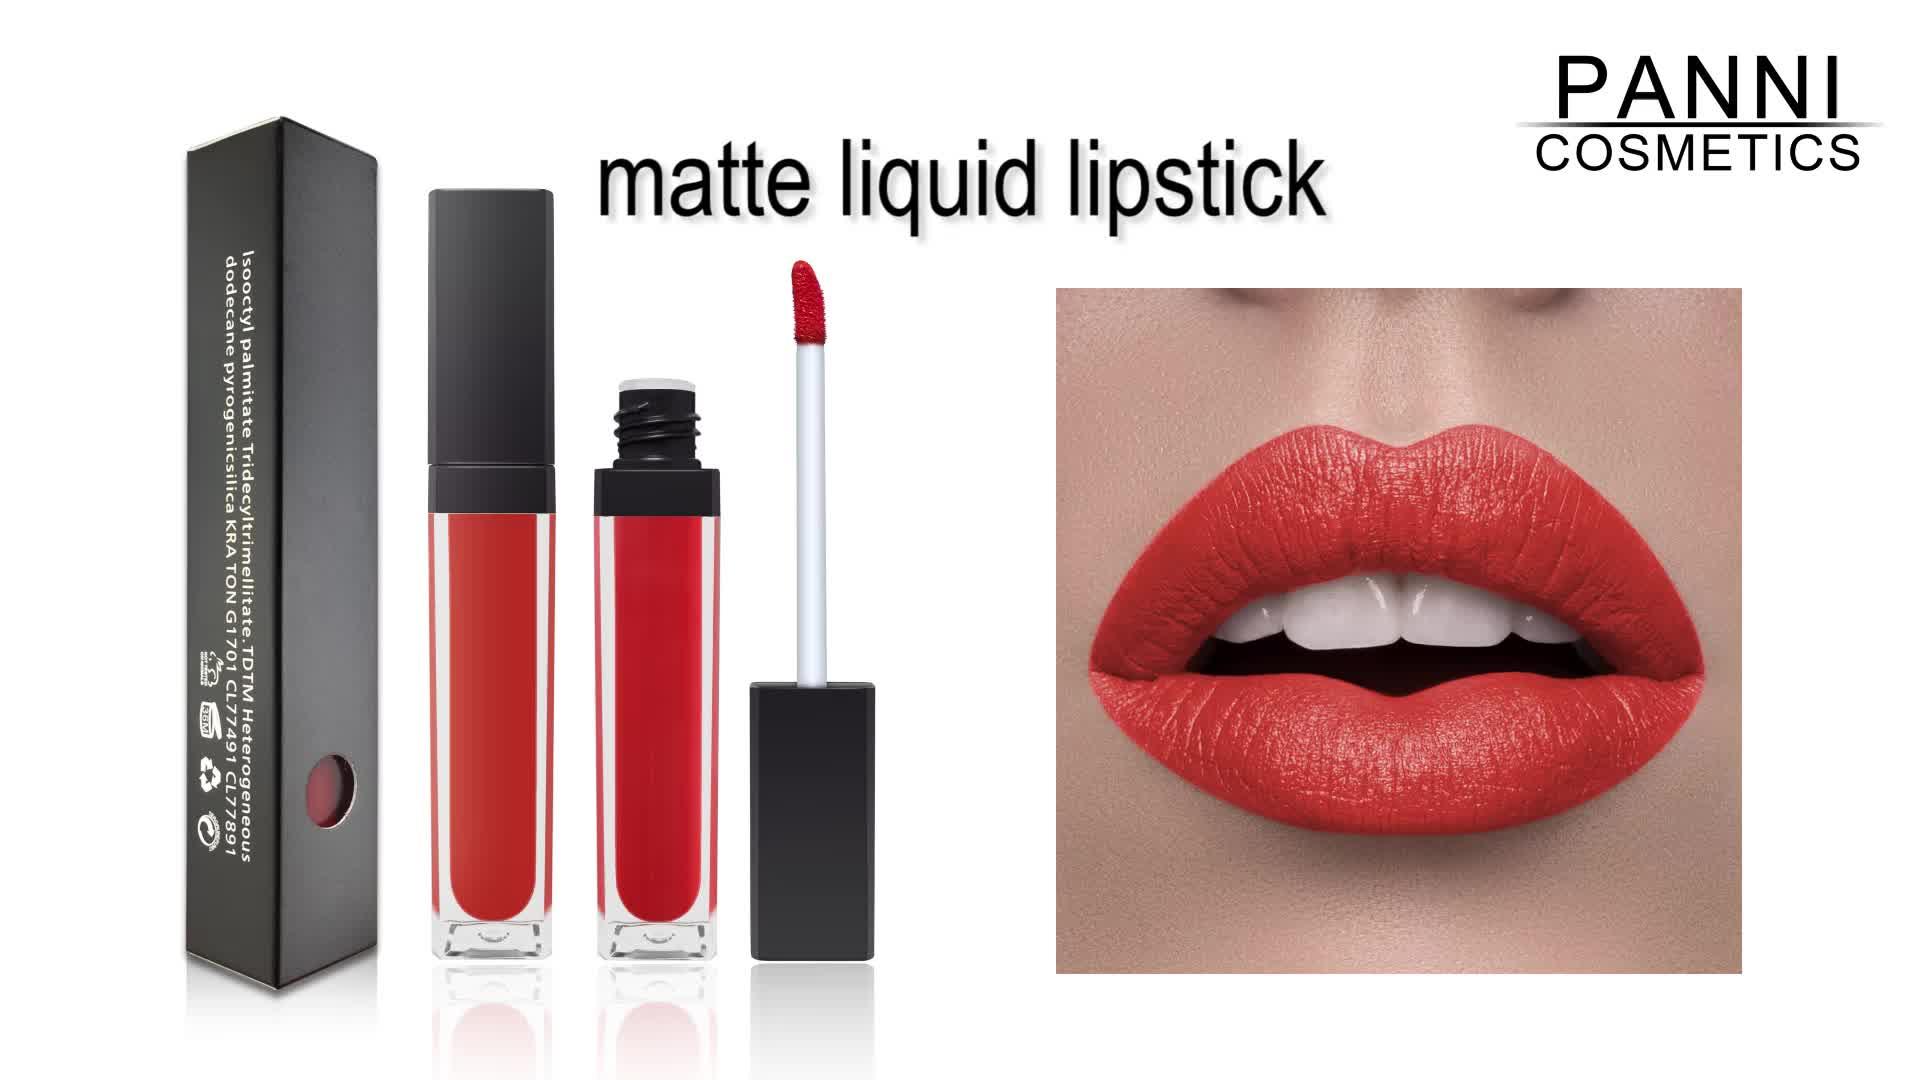 Private label matte lipstick brand manufacturers